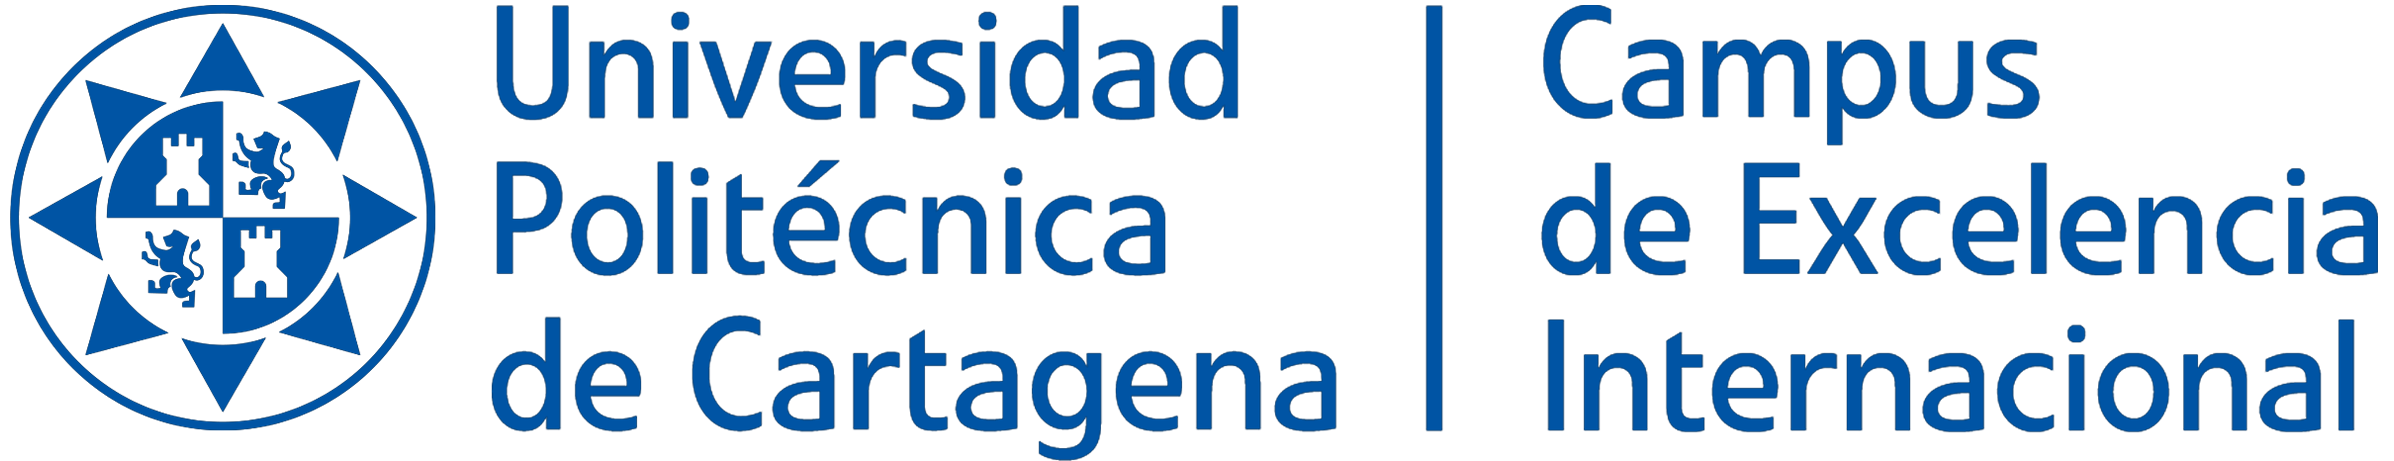 Logo Universidad Politécnica de Cartagena